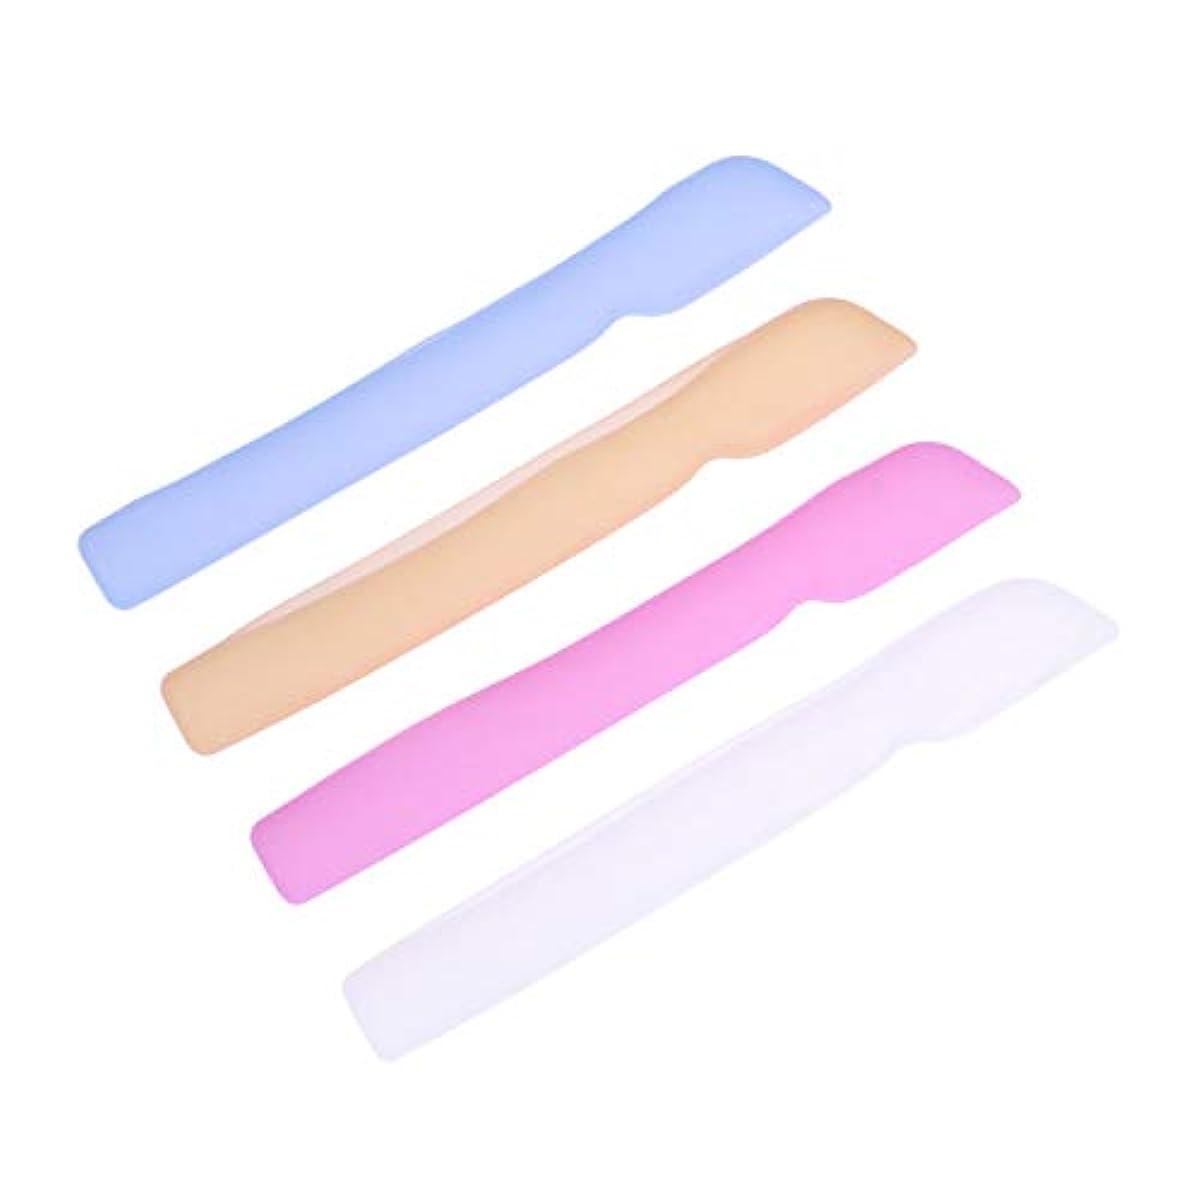 感謝する階下動物HEALLILYシリコン歯ブラシケースカバー歯ブラシ用保護カバー保護ケース用4本(ブルー+ピンク+ライトイエロー+ホワイト)